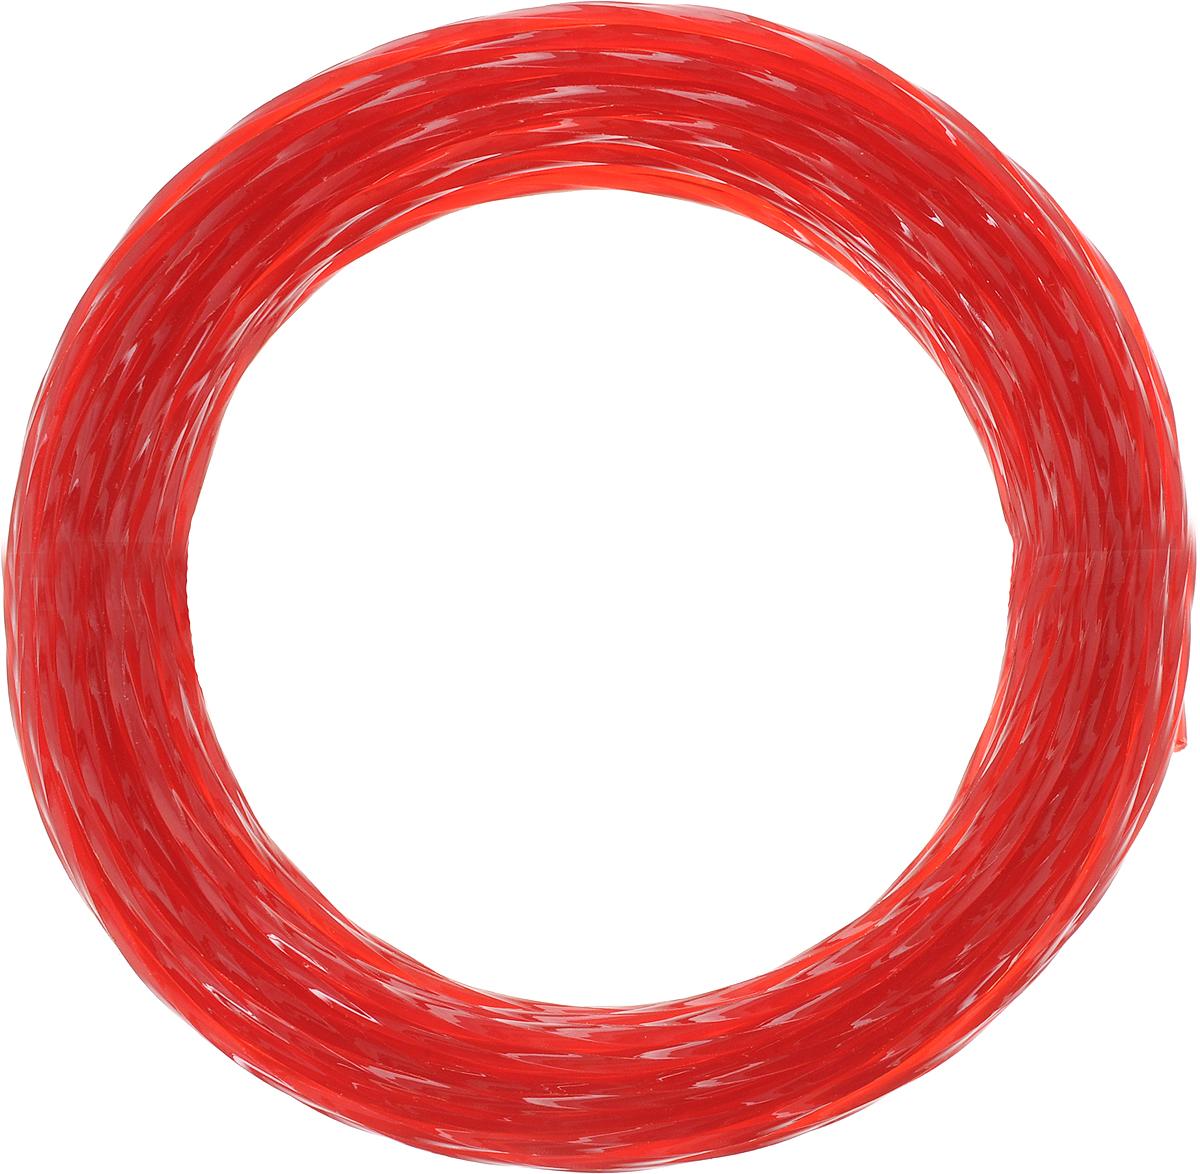 Леска для триммера Siat Professional Siat. Квадрат, цвет: красный, диаметр 2 мм, длина 15 м556005Профессиональная нейлоновая леска высокой прочности и гибкости Siat Professional Siat. Квадрат. Крученое изделие премиум-класса, работает бесшумно. Леска подходит к любому типу триммеров. Она представляет собой режущий элемент триммера, а правильный выбор ее толщины и формы влияет на скорость кошения и износ лески. Длина лески: 15 м. Диаметр лески: 2,0 мм.